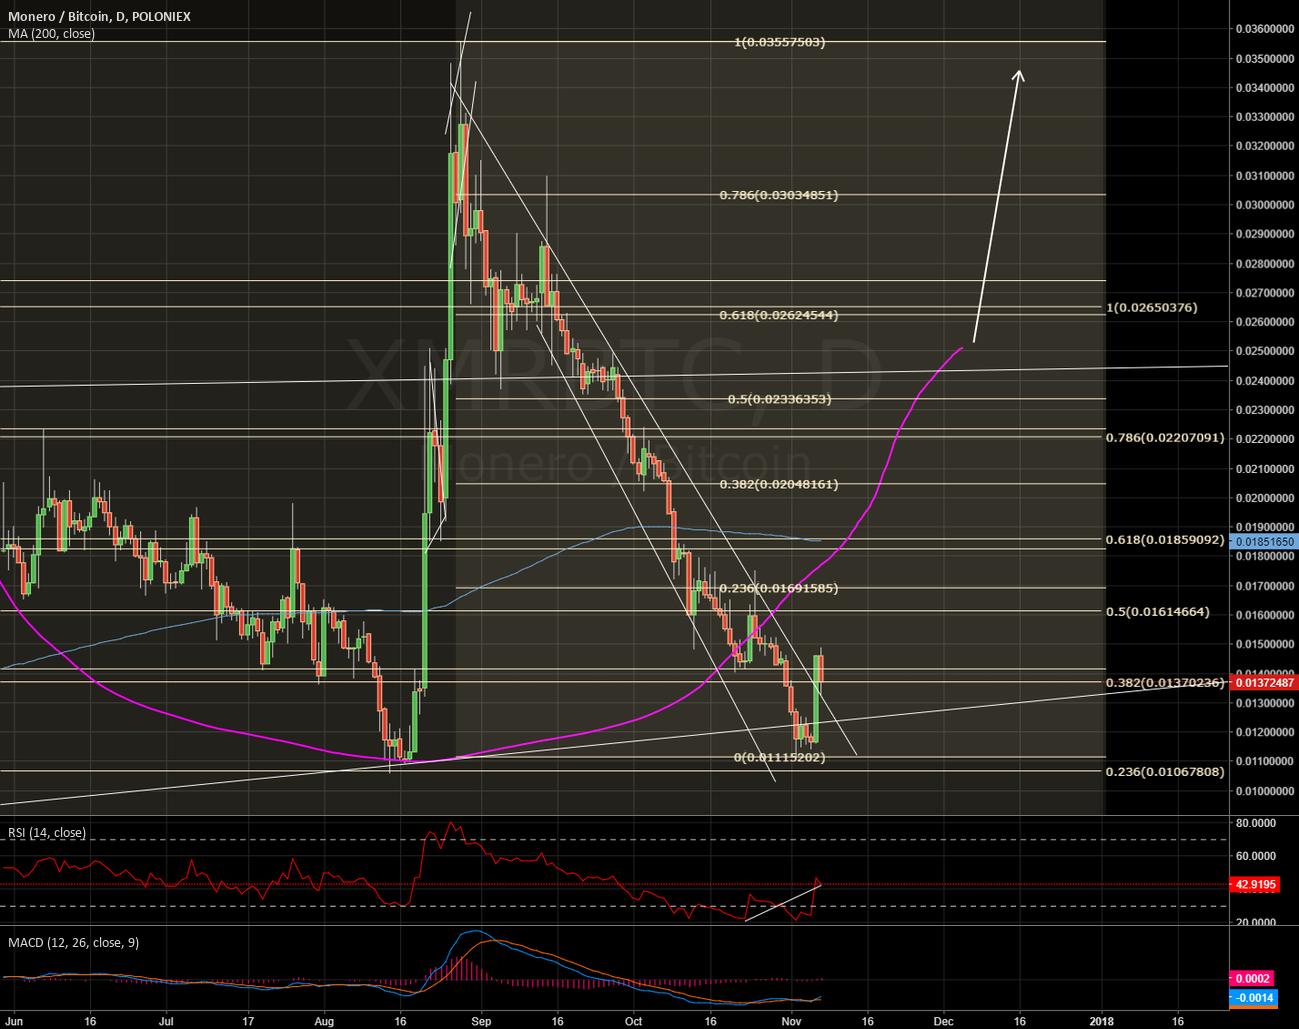 LONG XMR/BTC looking very bullish v2